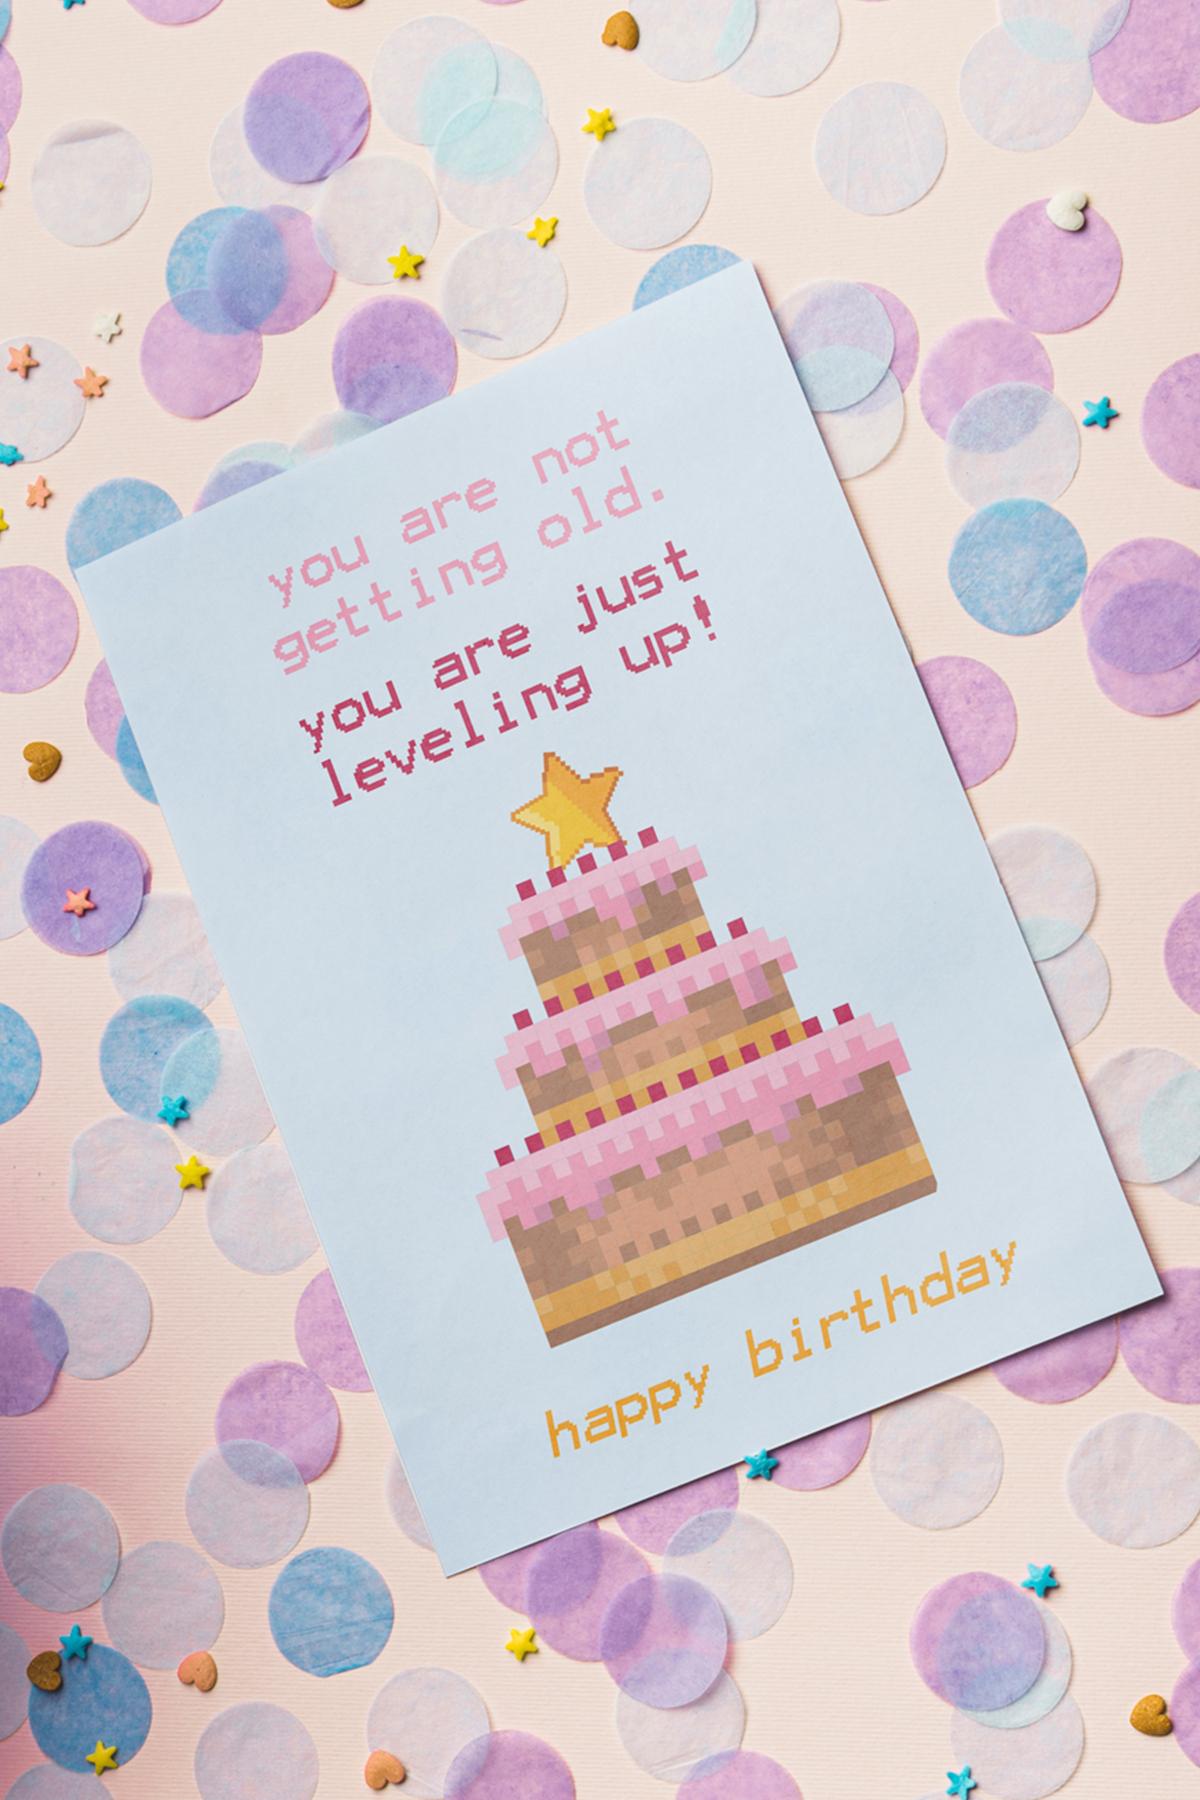 10 Coole Geburtstagskarten Zum Ausdrucken | Free Printable innen Geburtstagskarten Ausdrucken Kostenlos